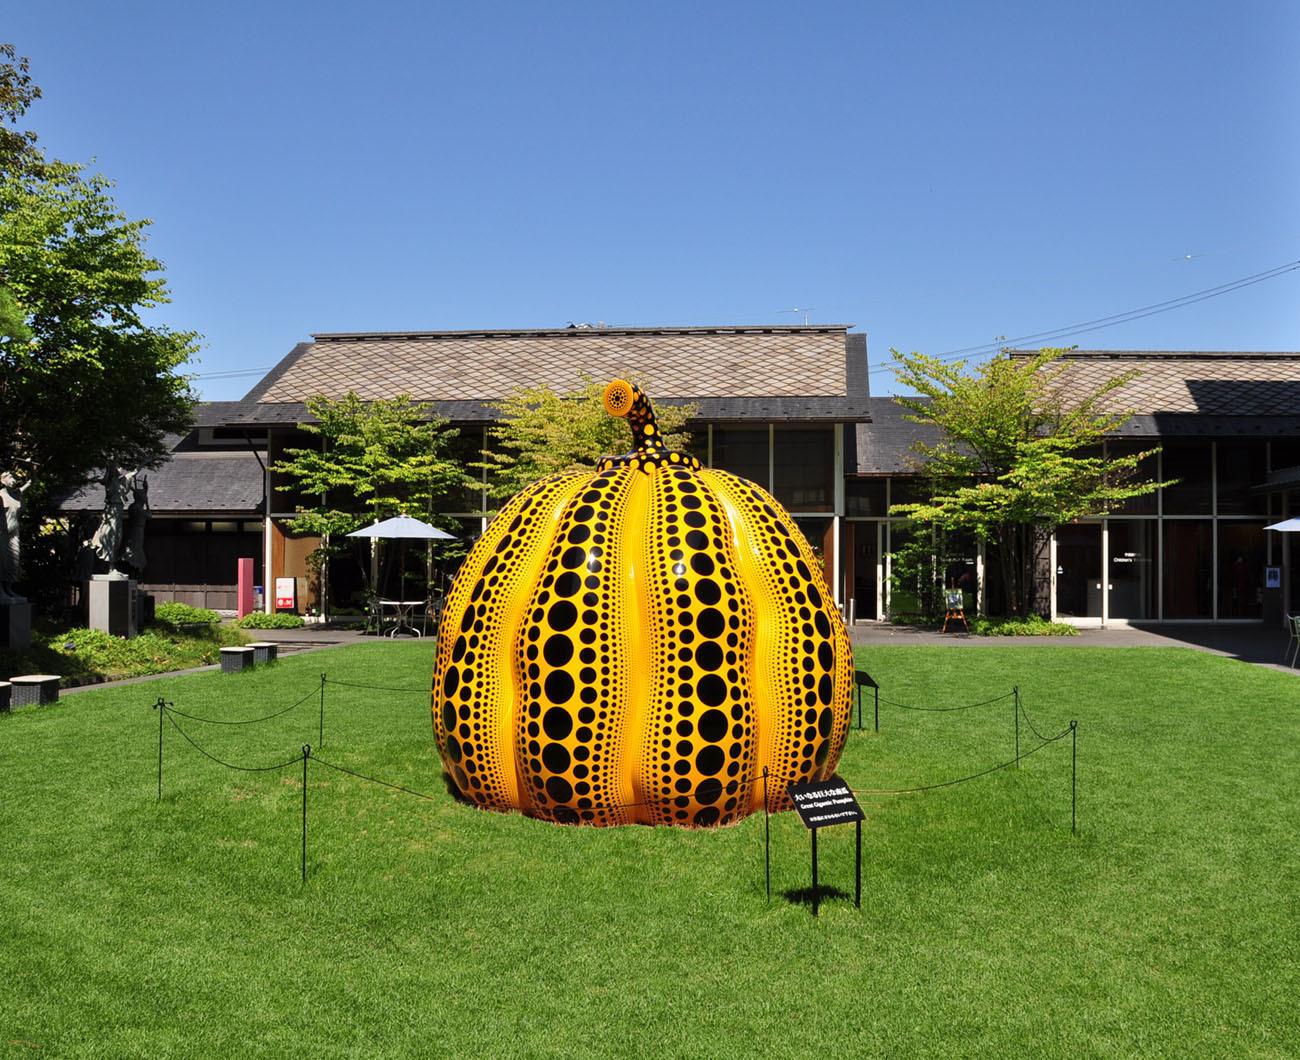 《大いなる巨大な南瓜》2012年時の展示風景より (c)YAYOI KUSAMA